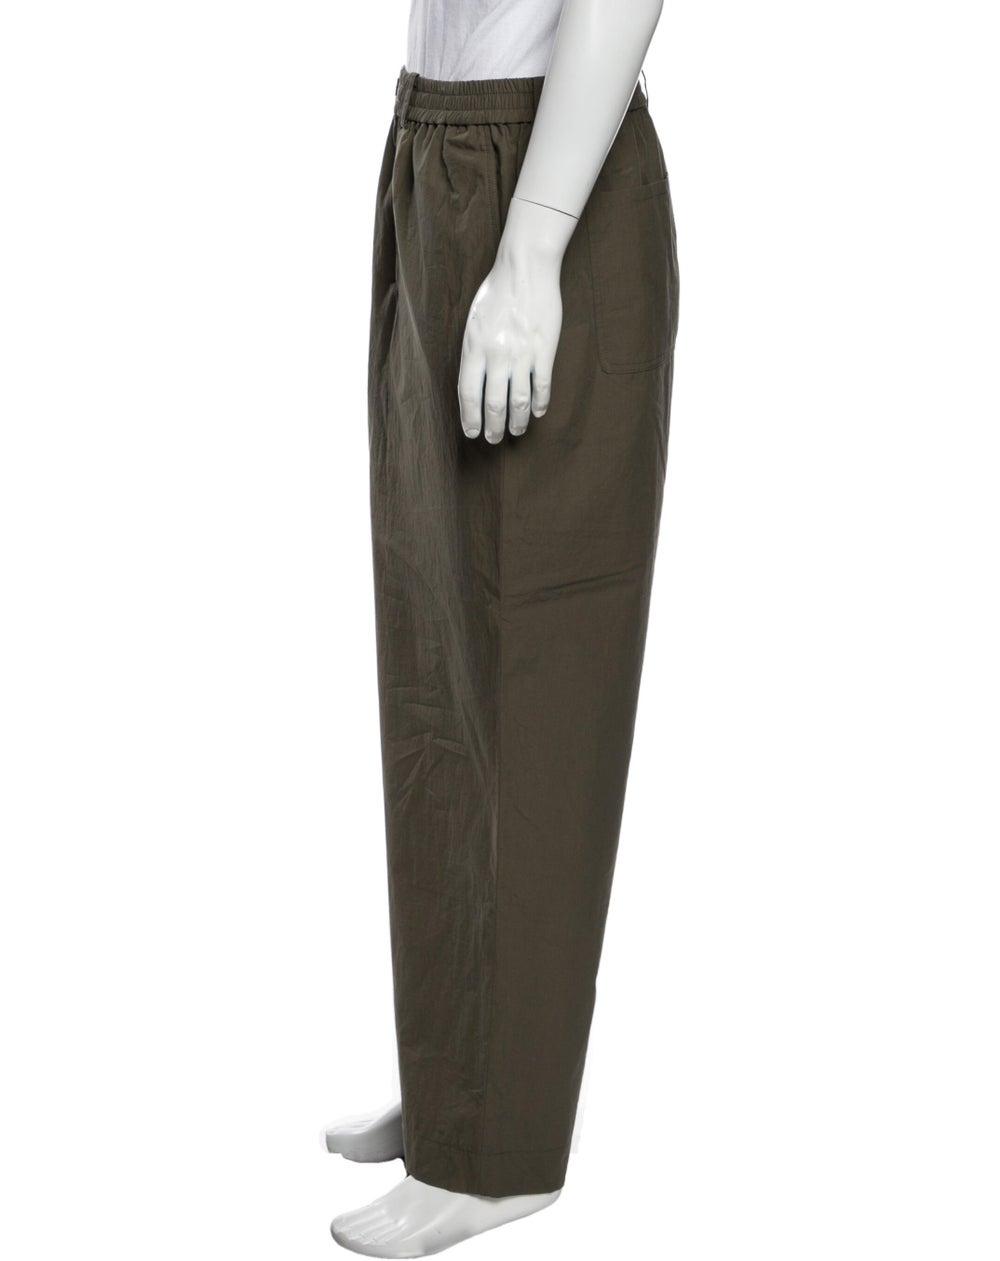 Deveaux Pants Green - image 2